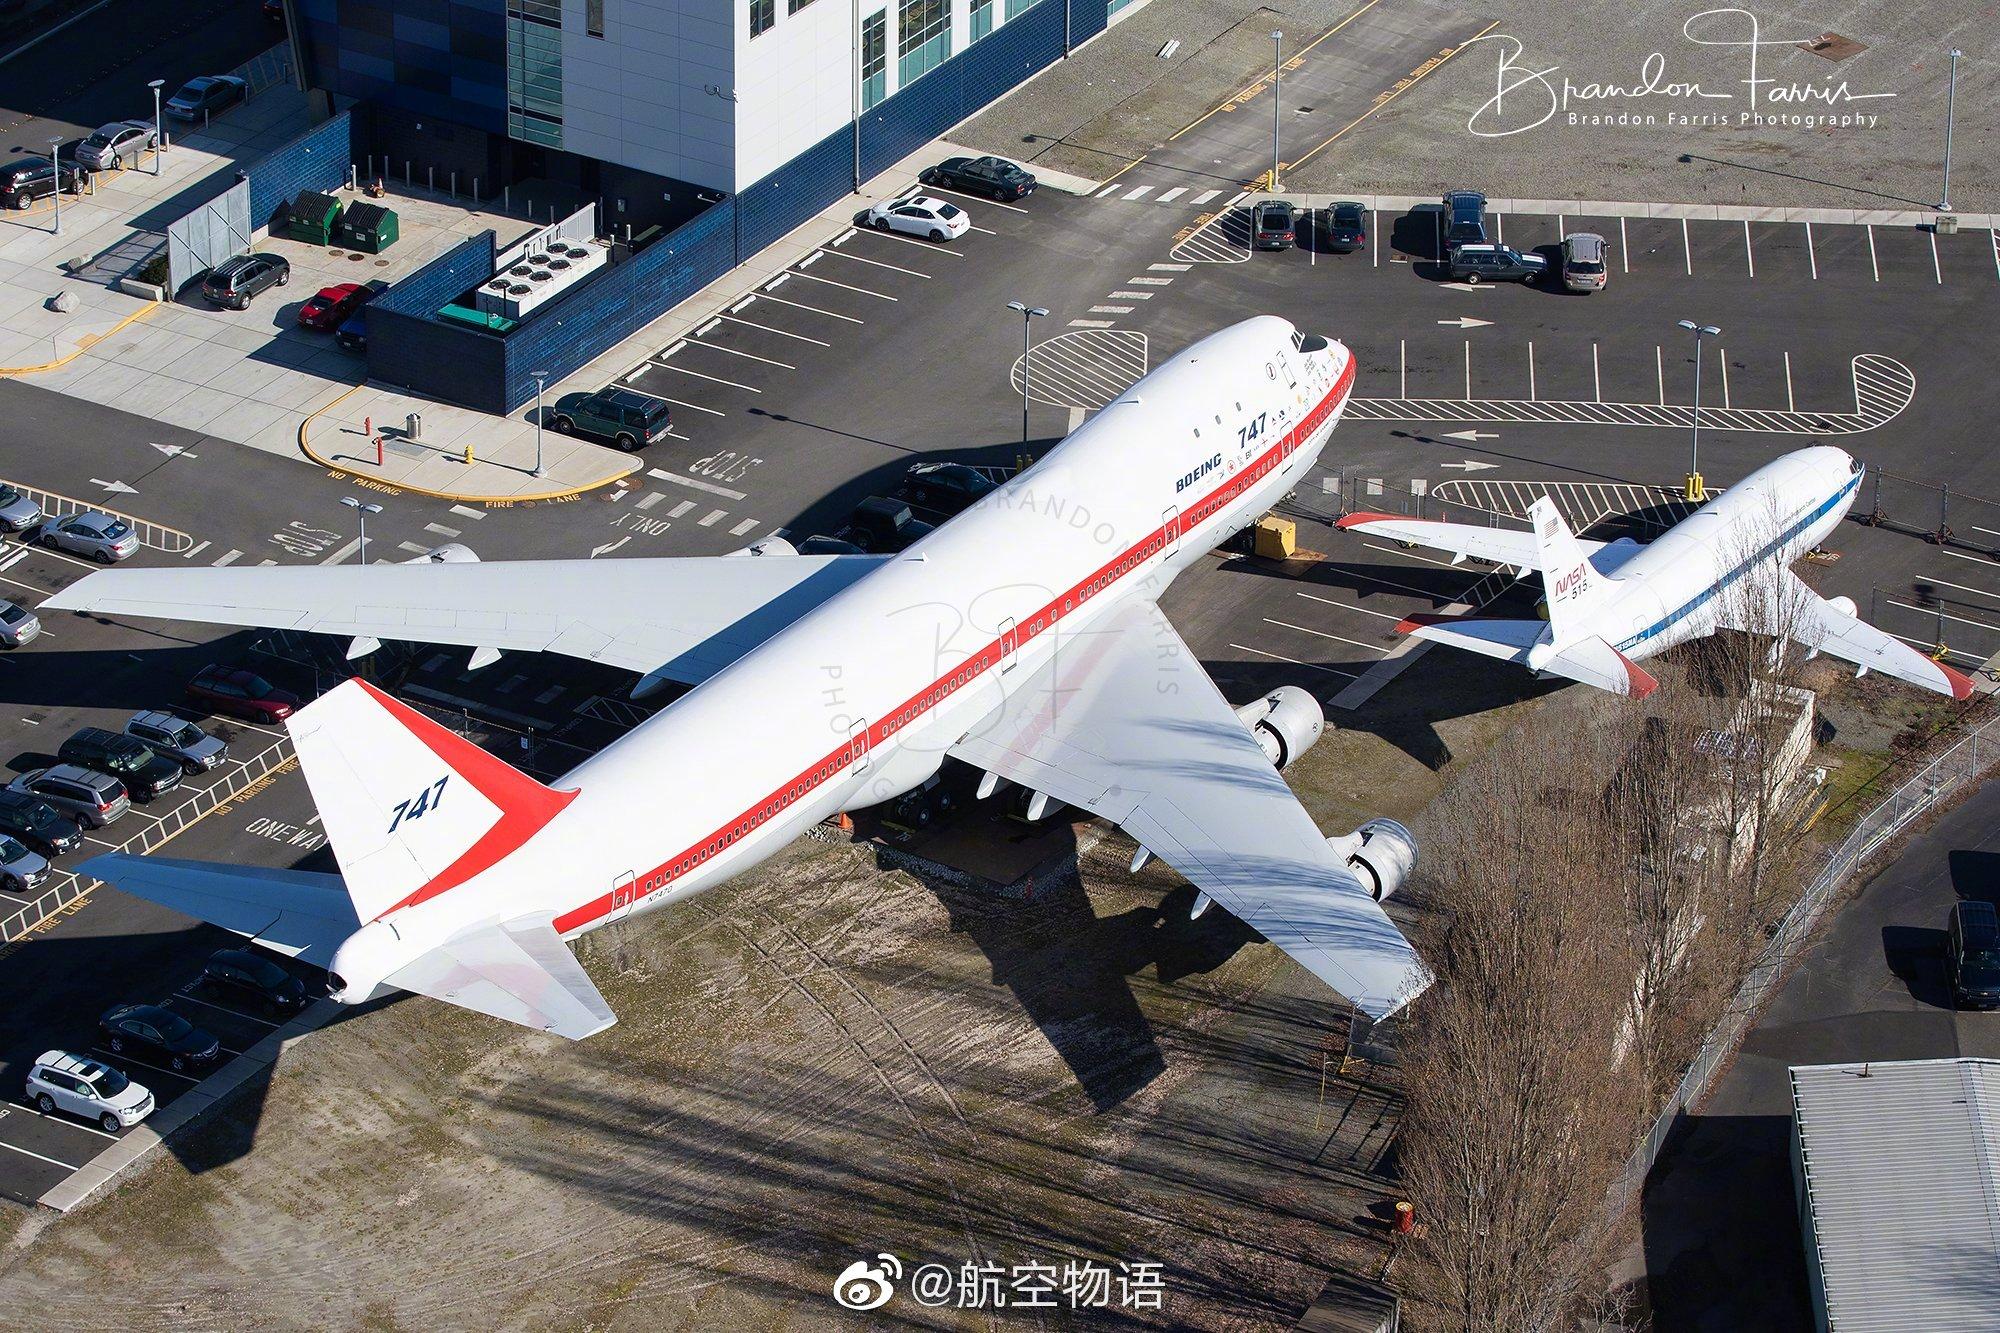 今天布伦博格社(战术错字)发了篇新闻表示波音即将停产747